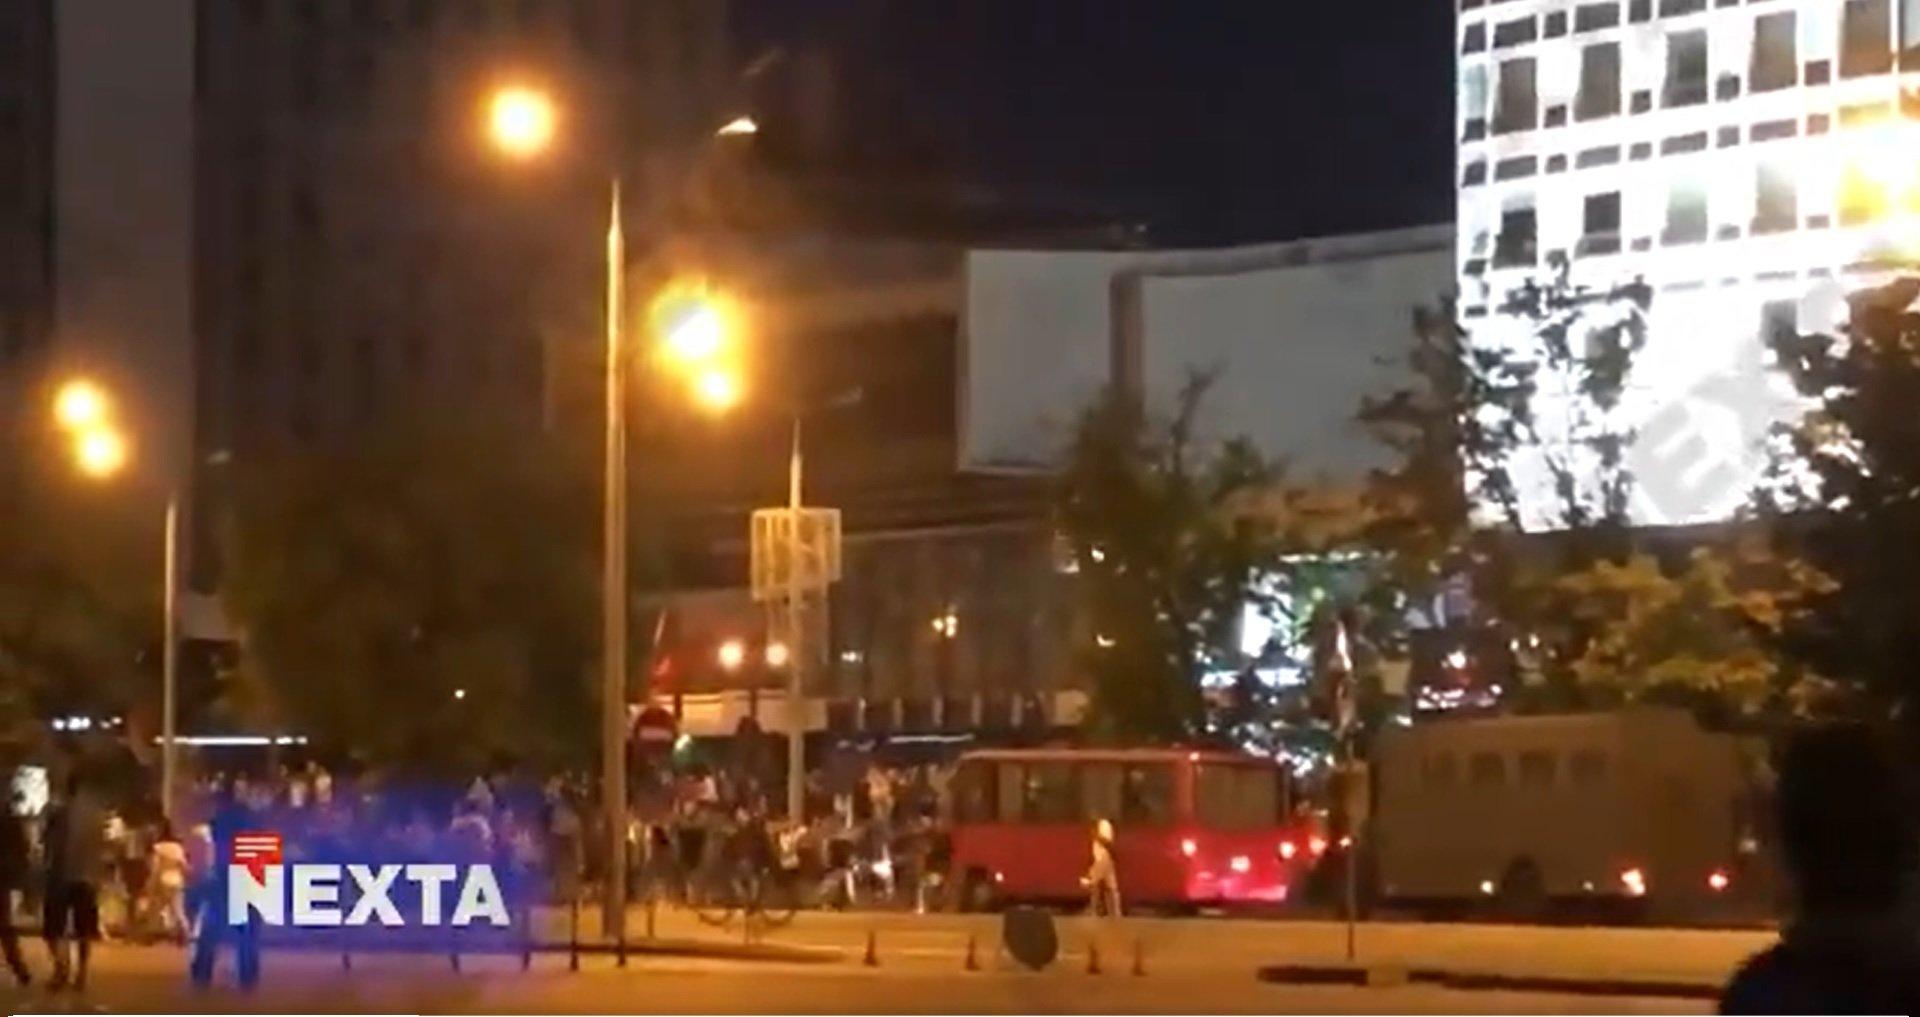 Białoruś. Łukaszenka ogłosił zwycięstwo, Mińsk miastem w stanie rewolucji